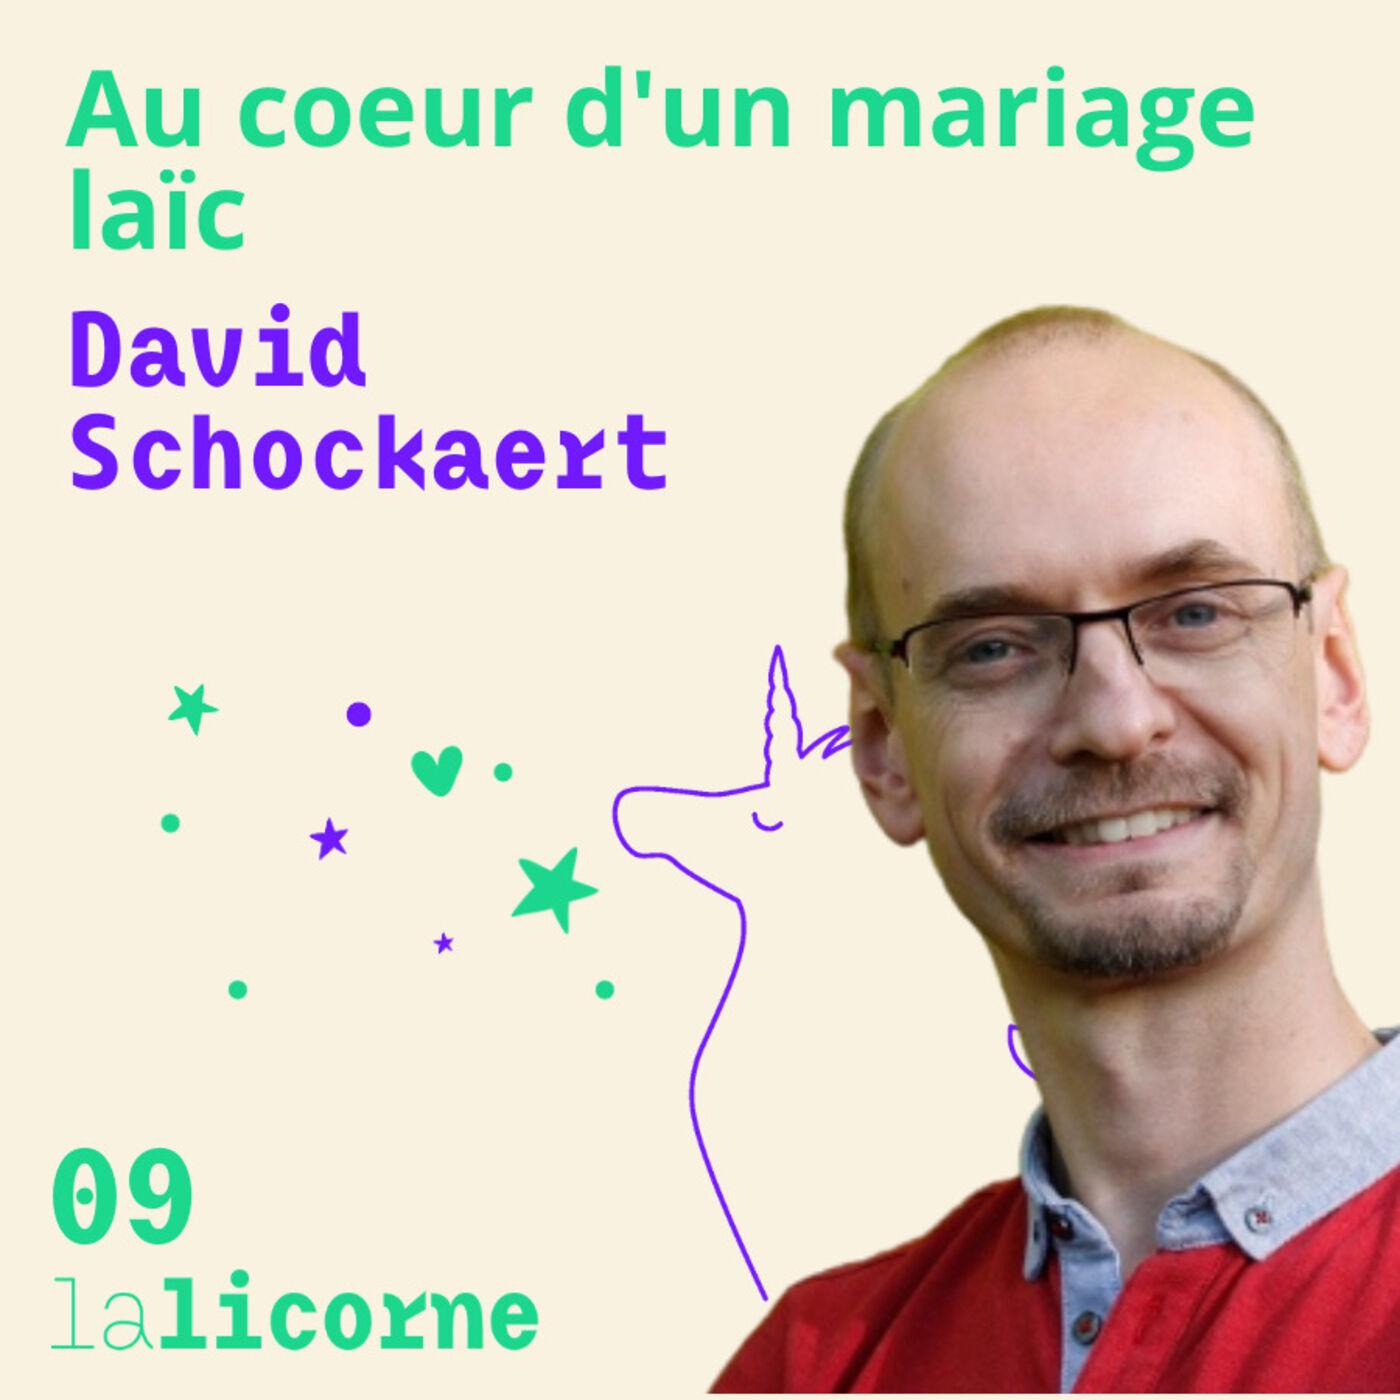 1.9 💍 David Schockaert - Au cœur d'un mariage laïc